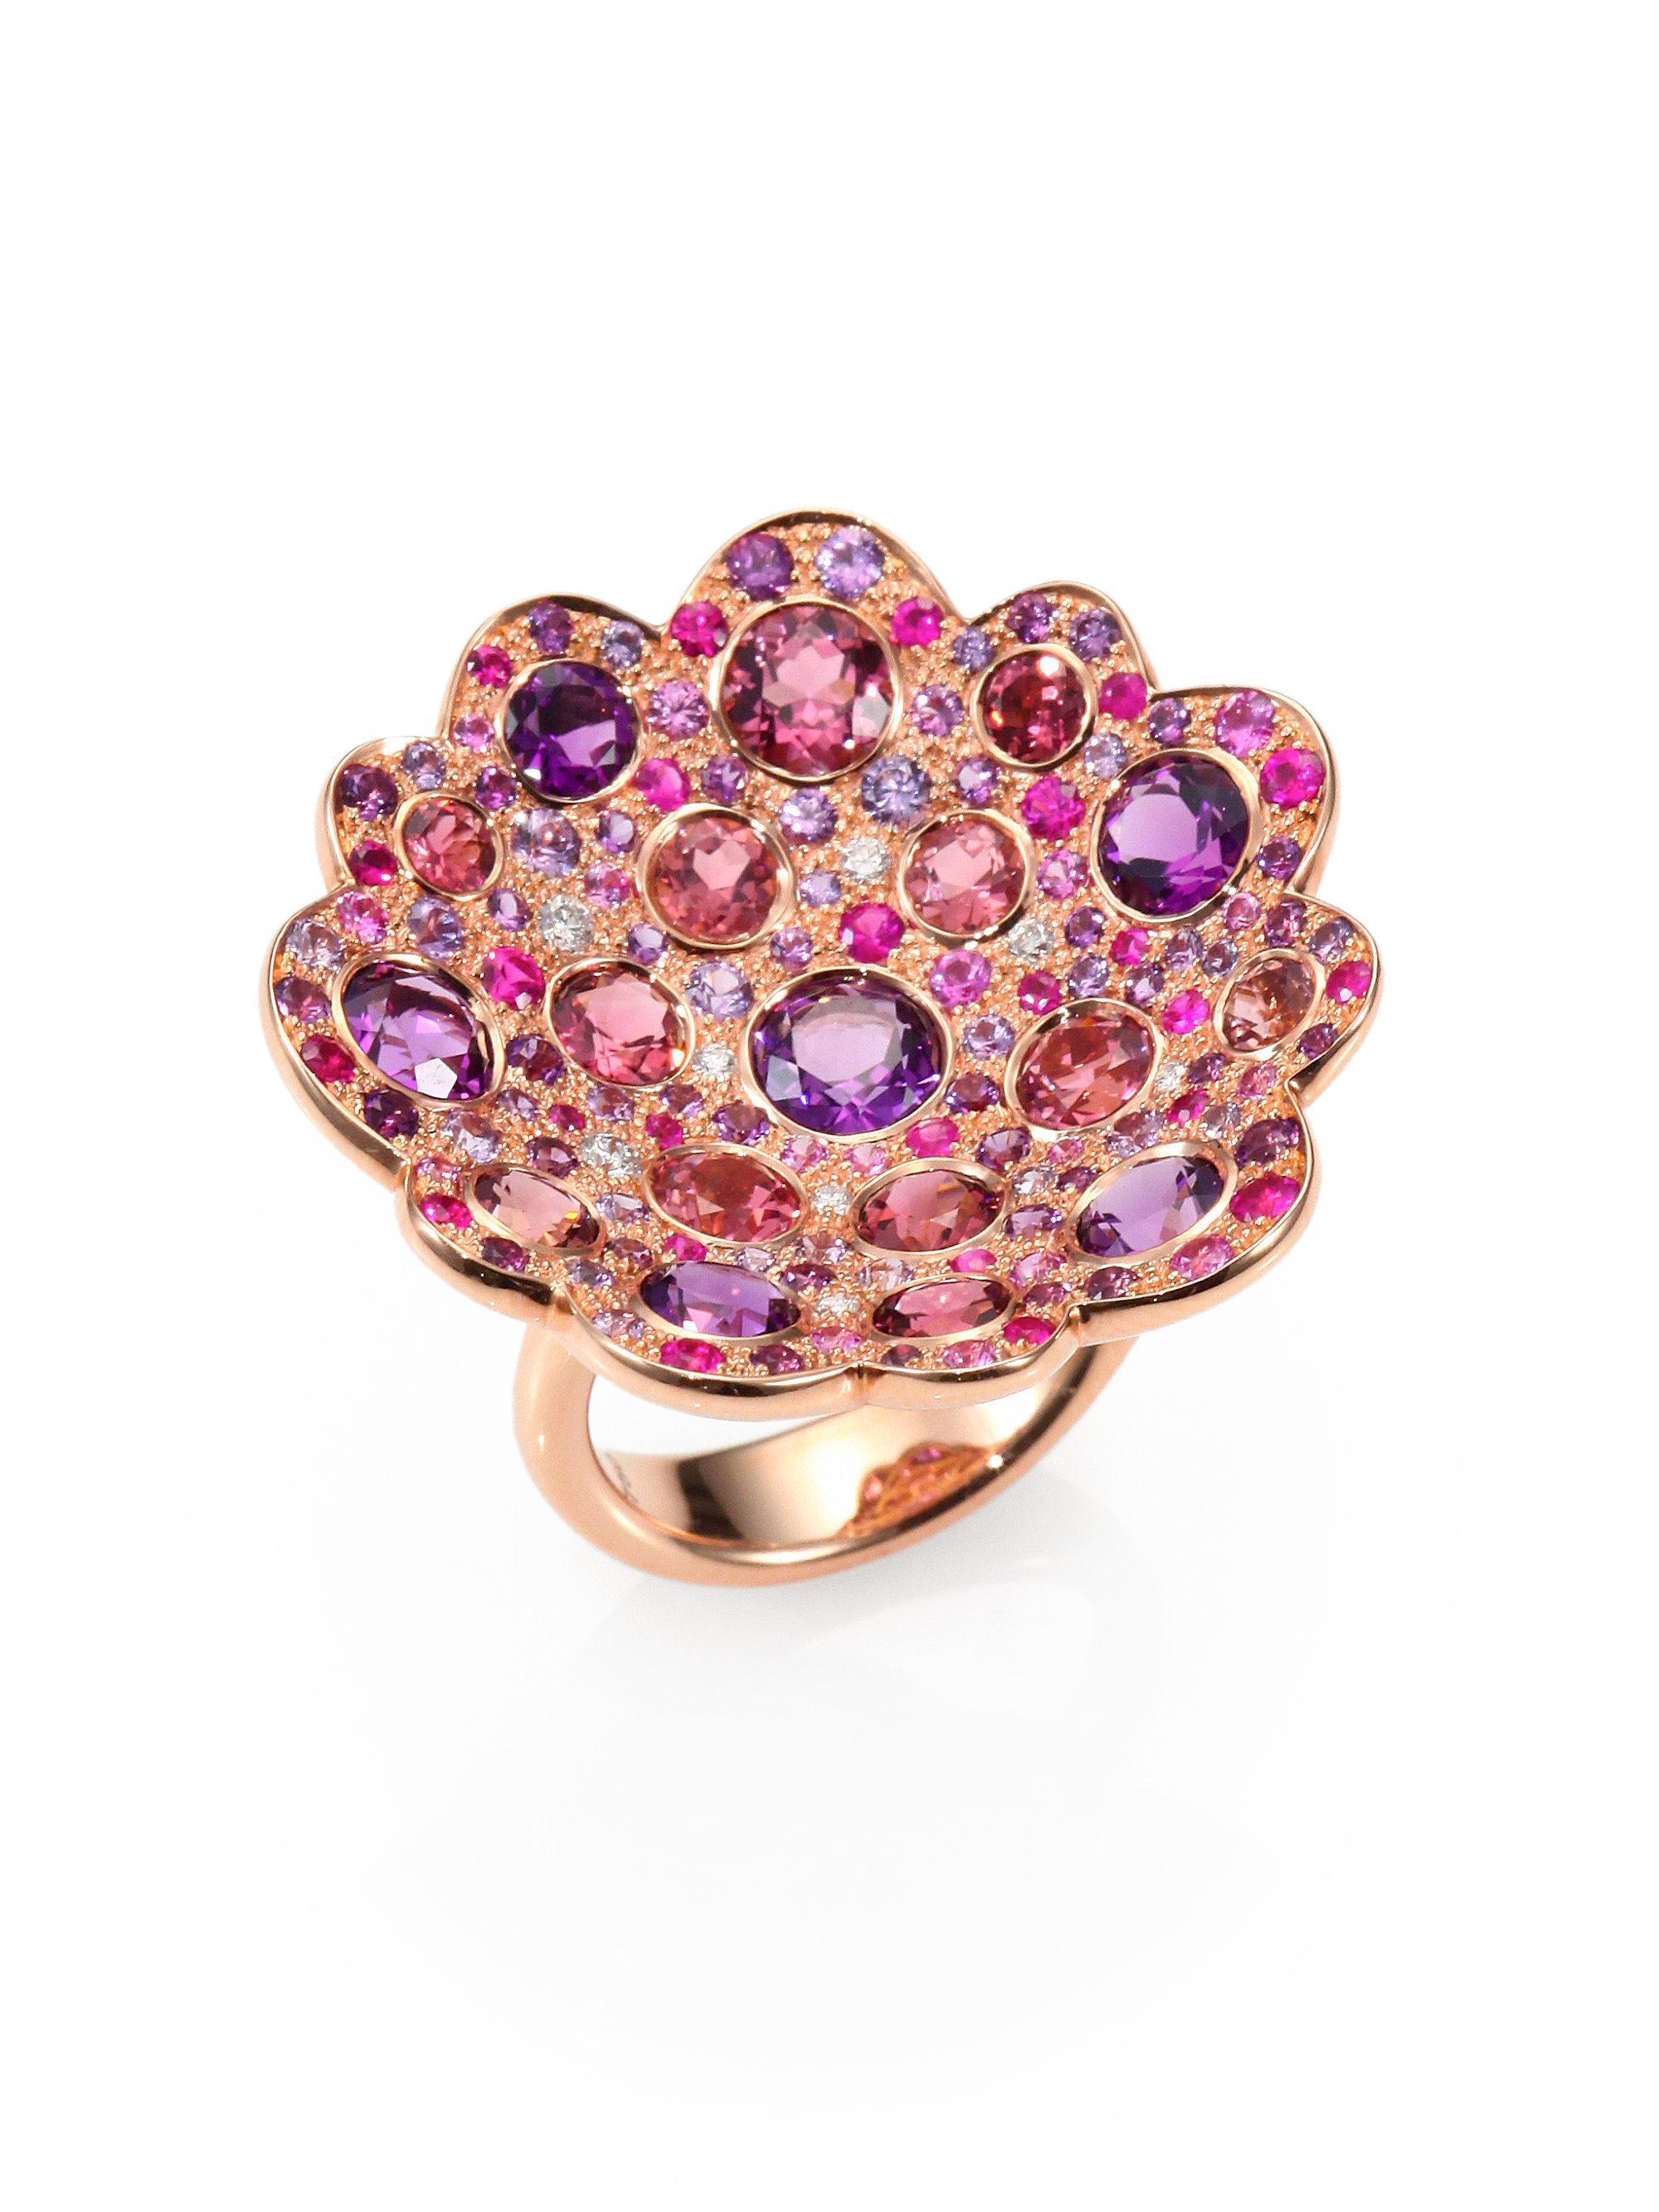 Roberto Coin Fantasia Semi-precious Multi-stone, Diamond & 18k Rose ...